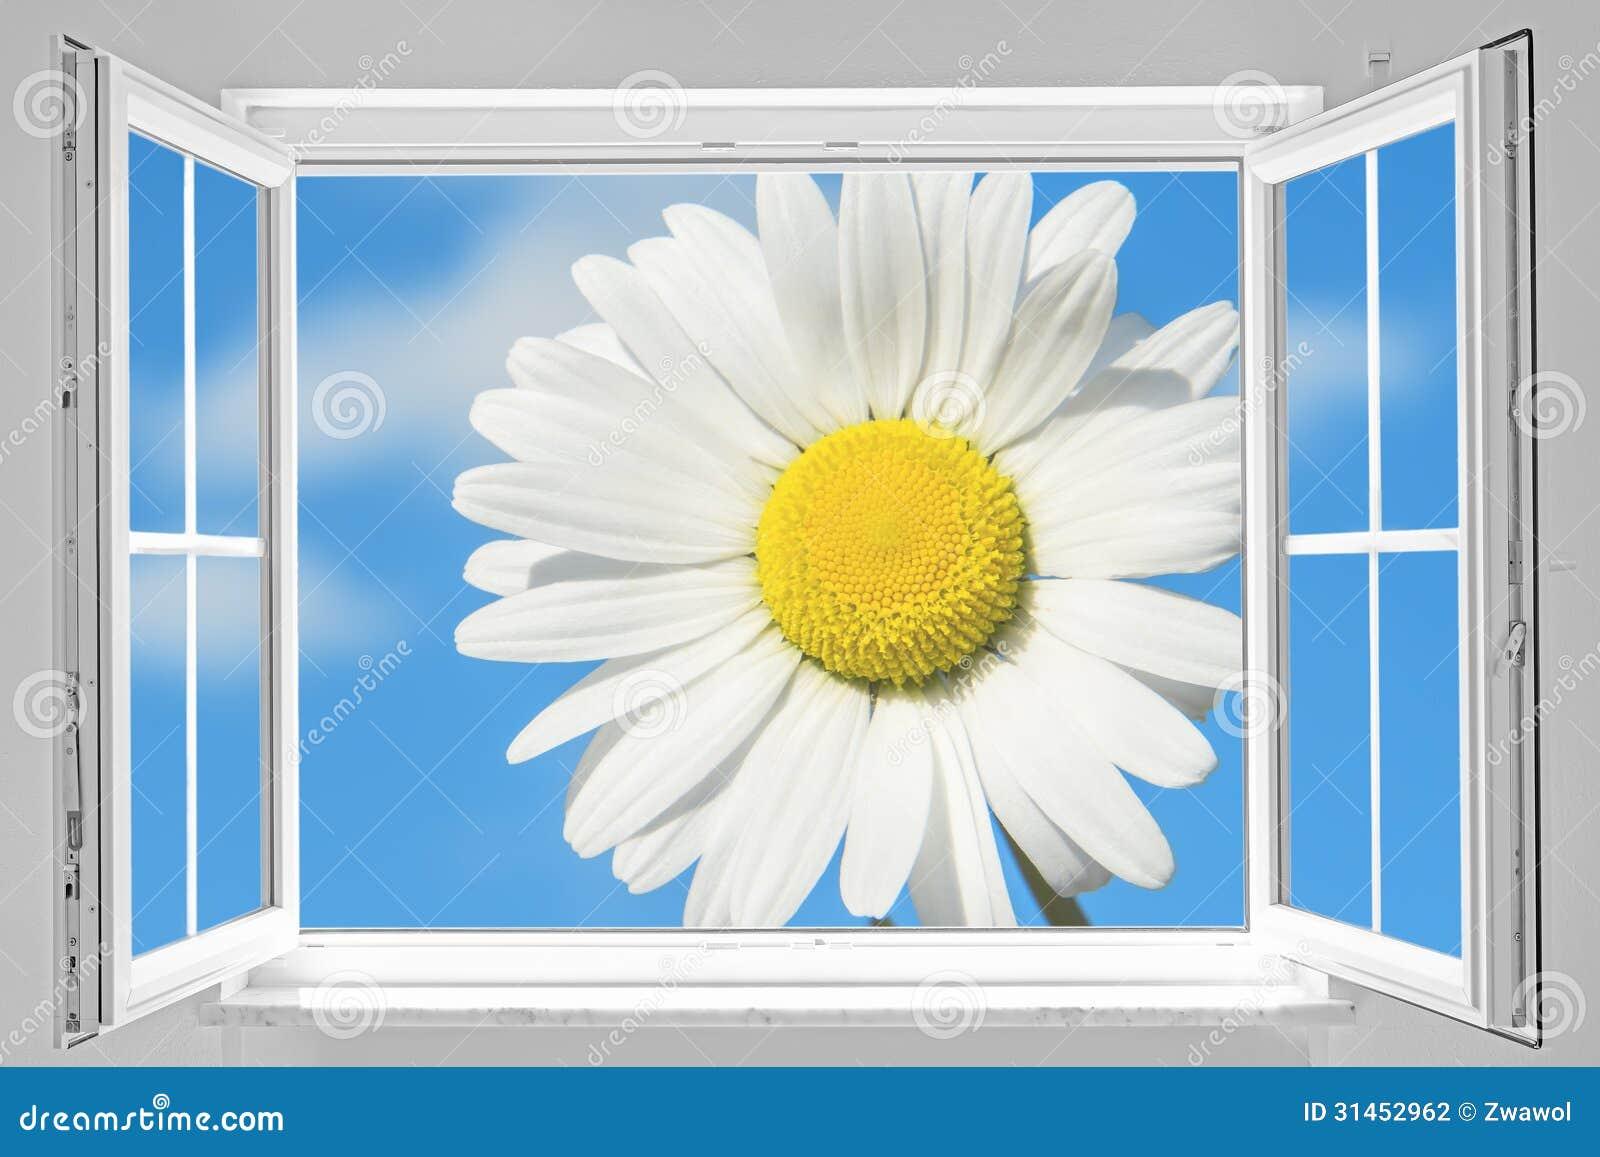 Offenes fenster himmel  Offenes Fenster Mit Gänseblümchen Stockfotografie - Bild: 31452962